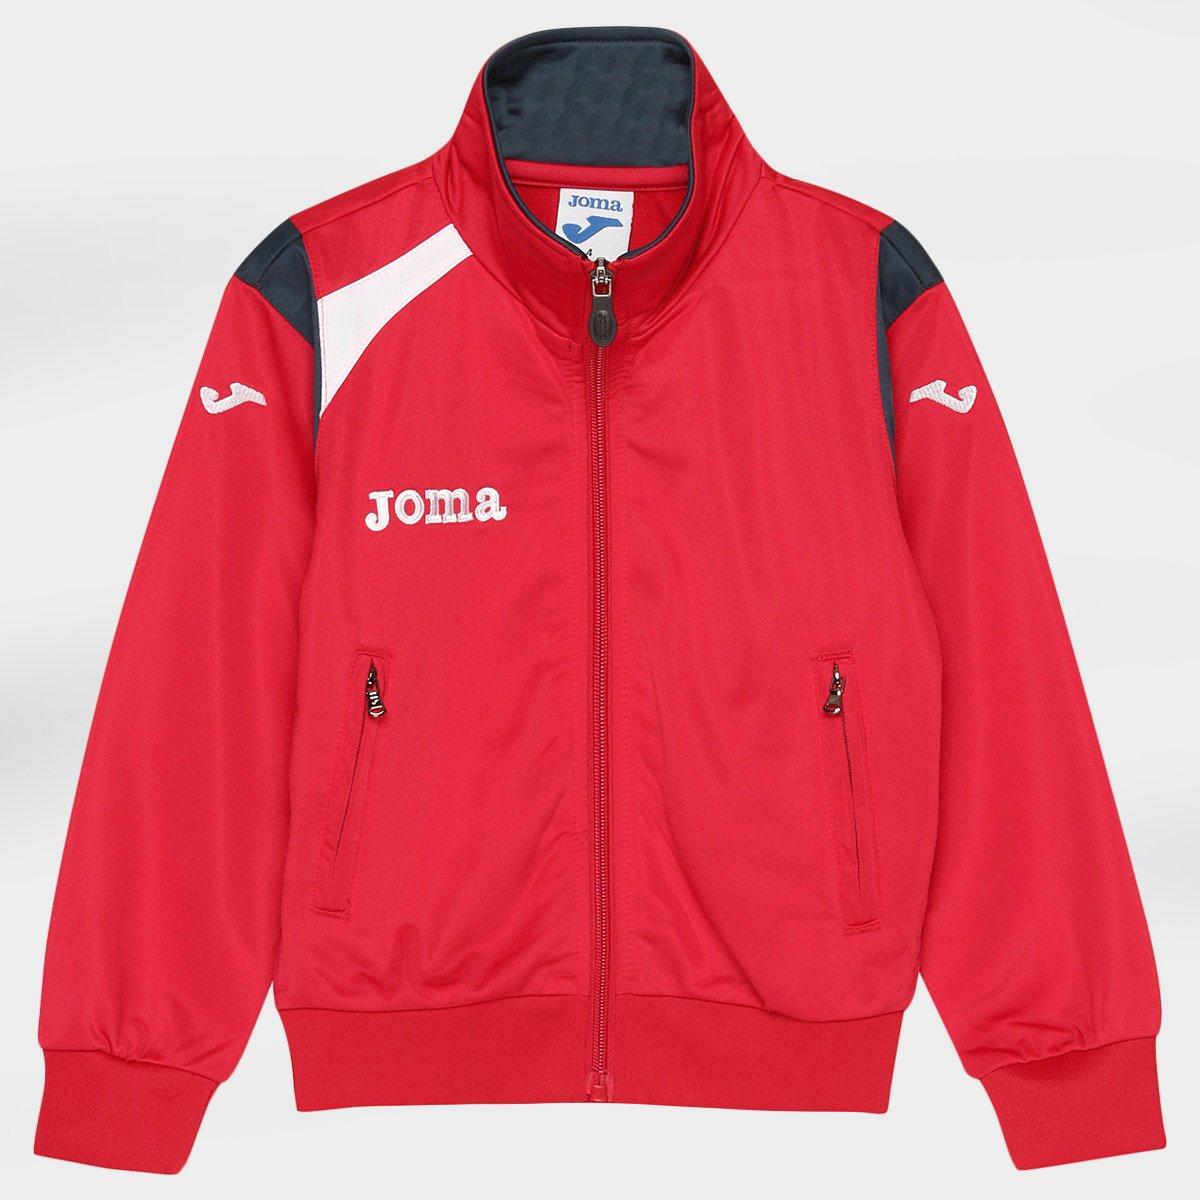 Jaqueta Infantil Joma Escudo - Compre Agora  f75258667eb83